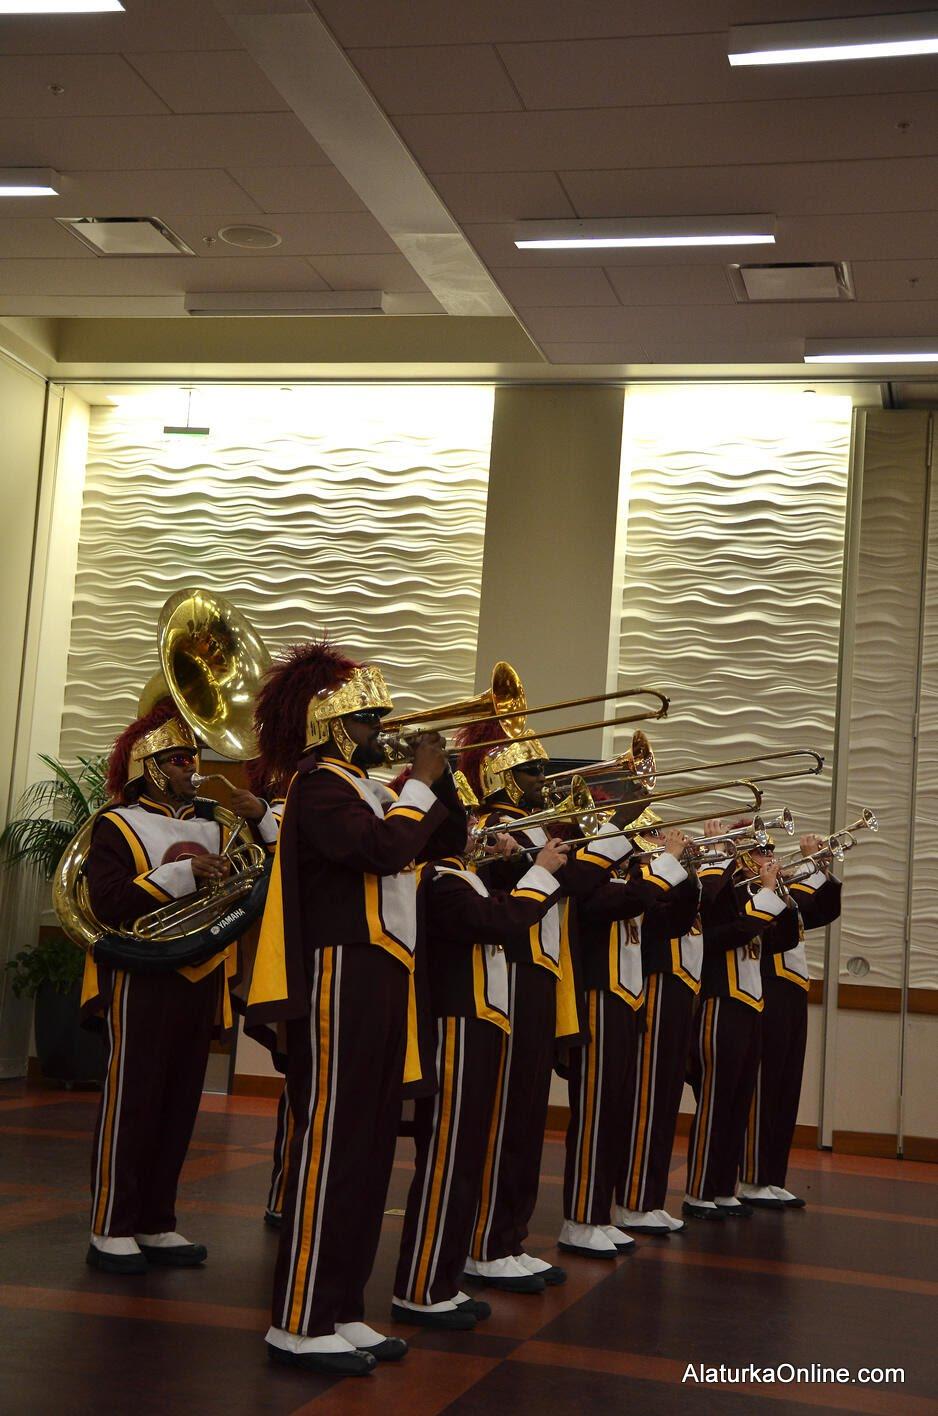 USC Trojan Band - USC TURKSA (2)